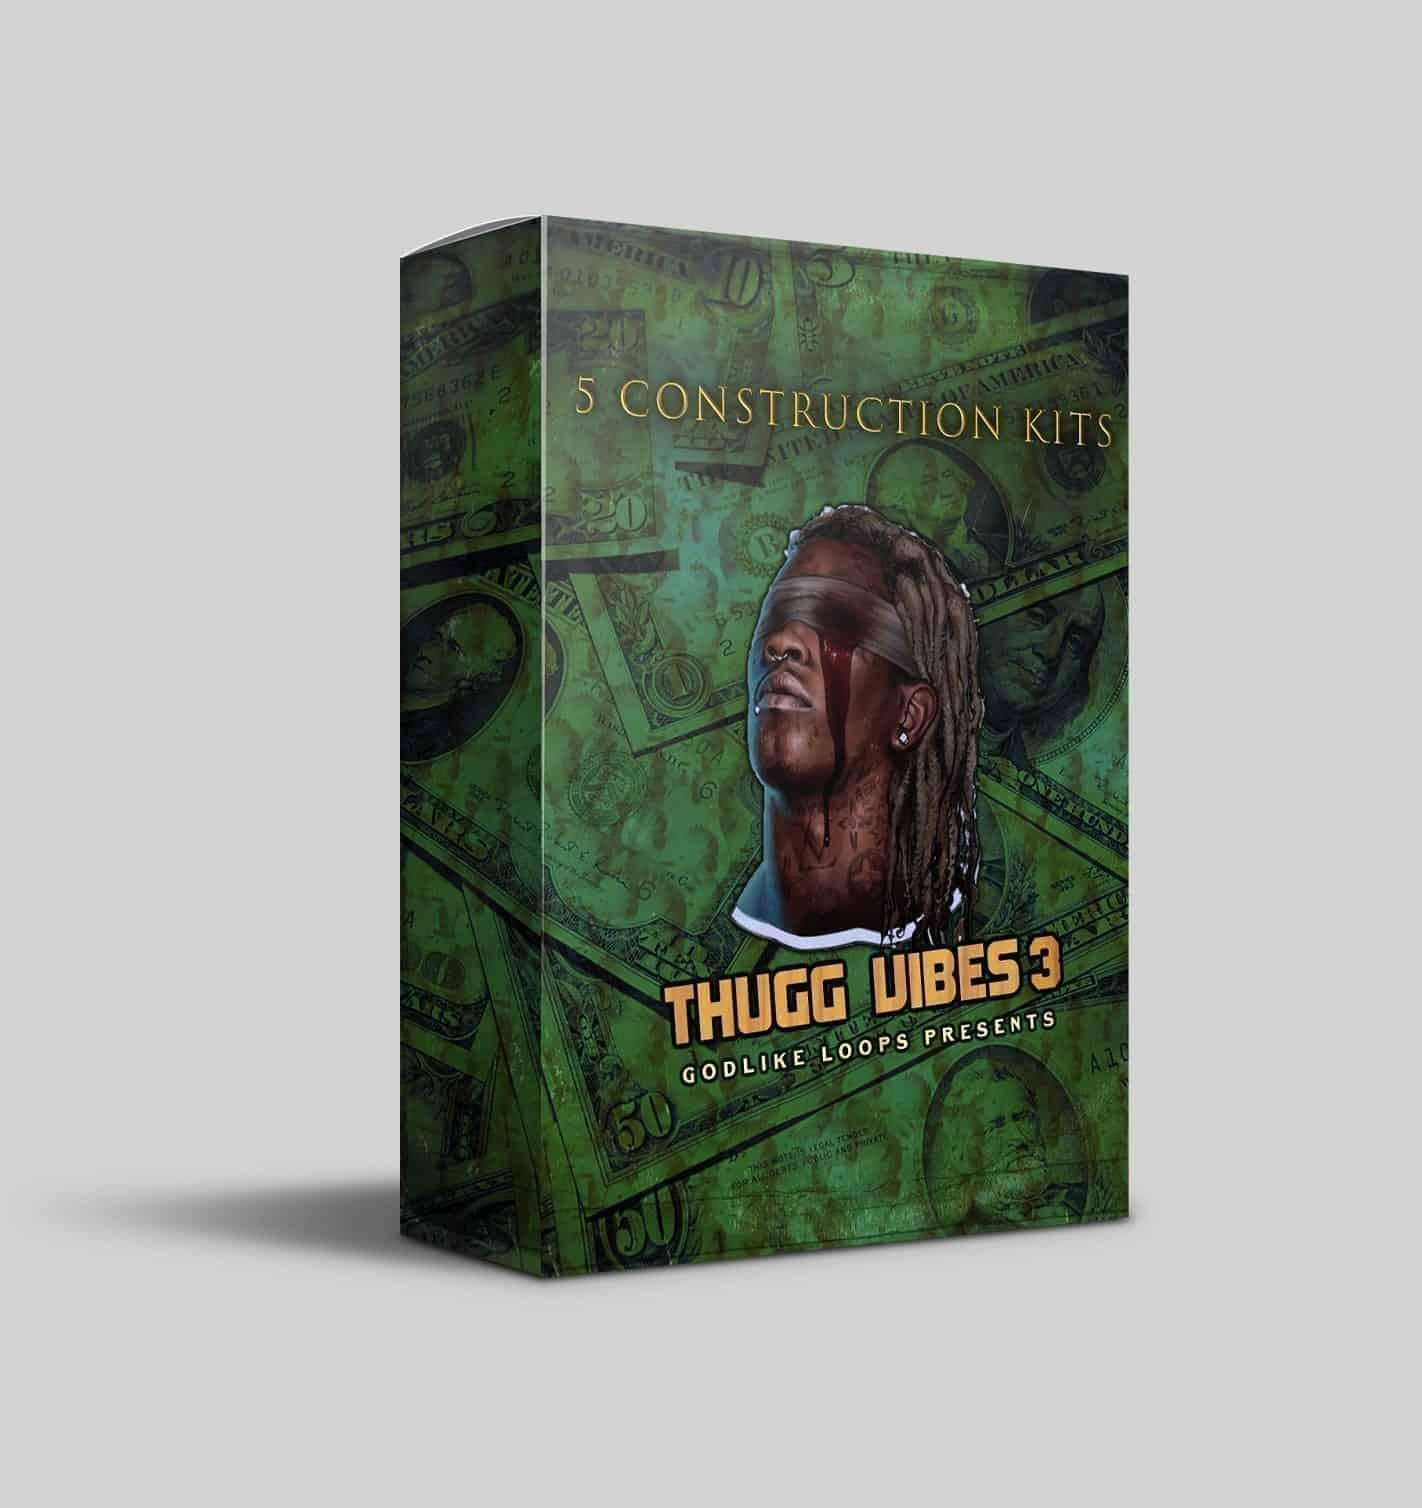 Godlike Loops Thugg Vibes Vol.2